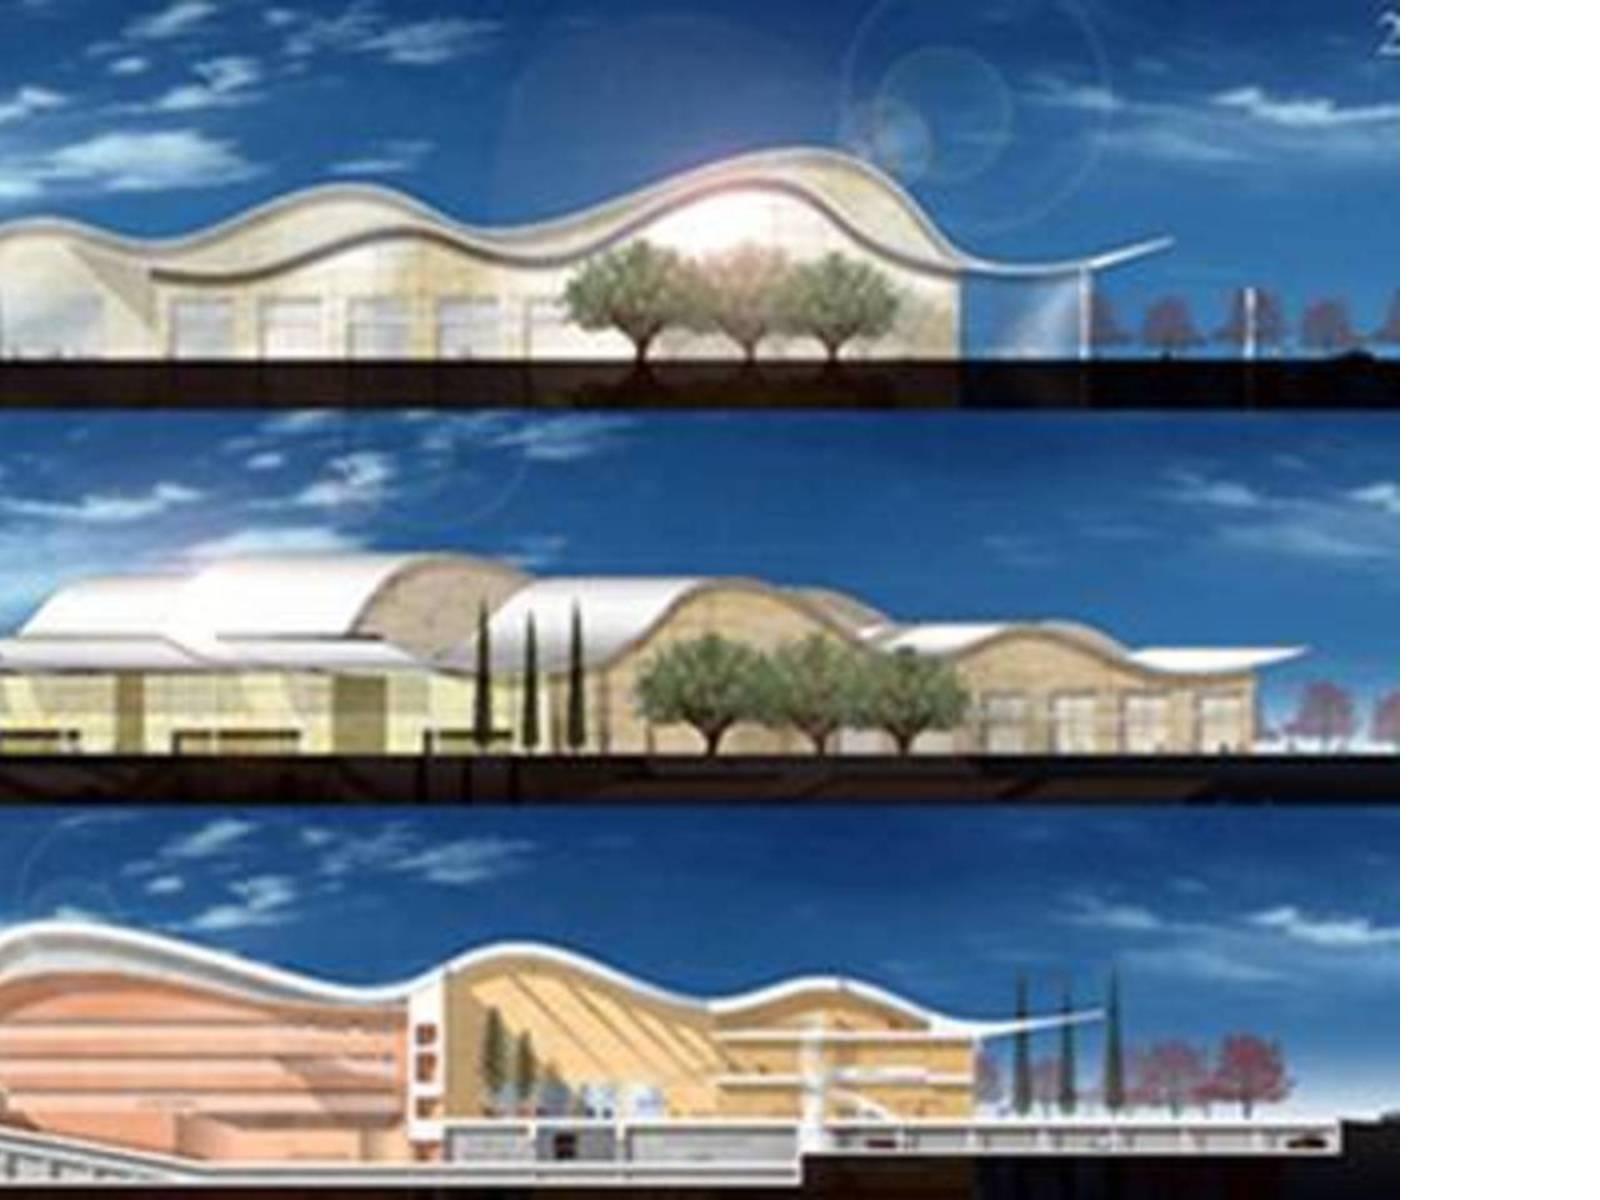 Ricardo Bofill: Villa Cultural de Prado<br> Valladolid, under construction